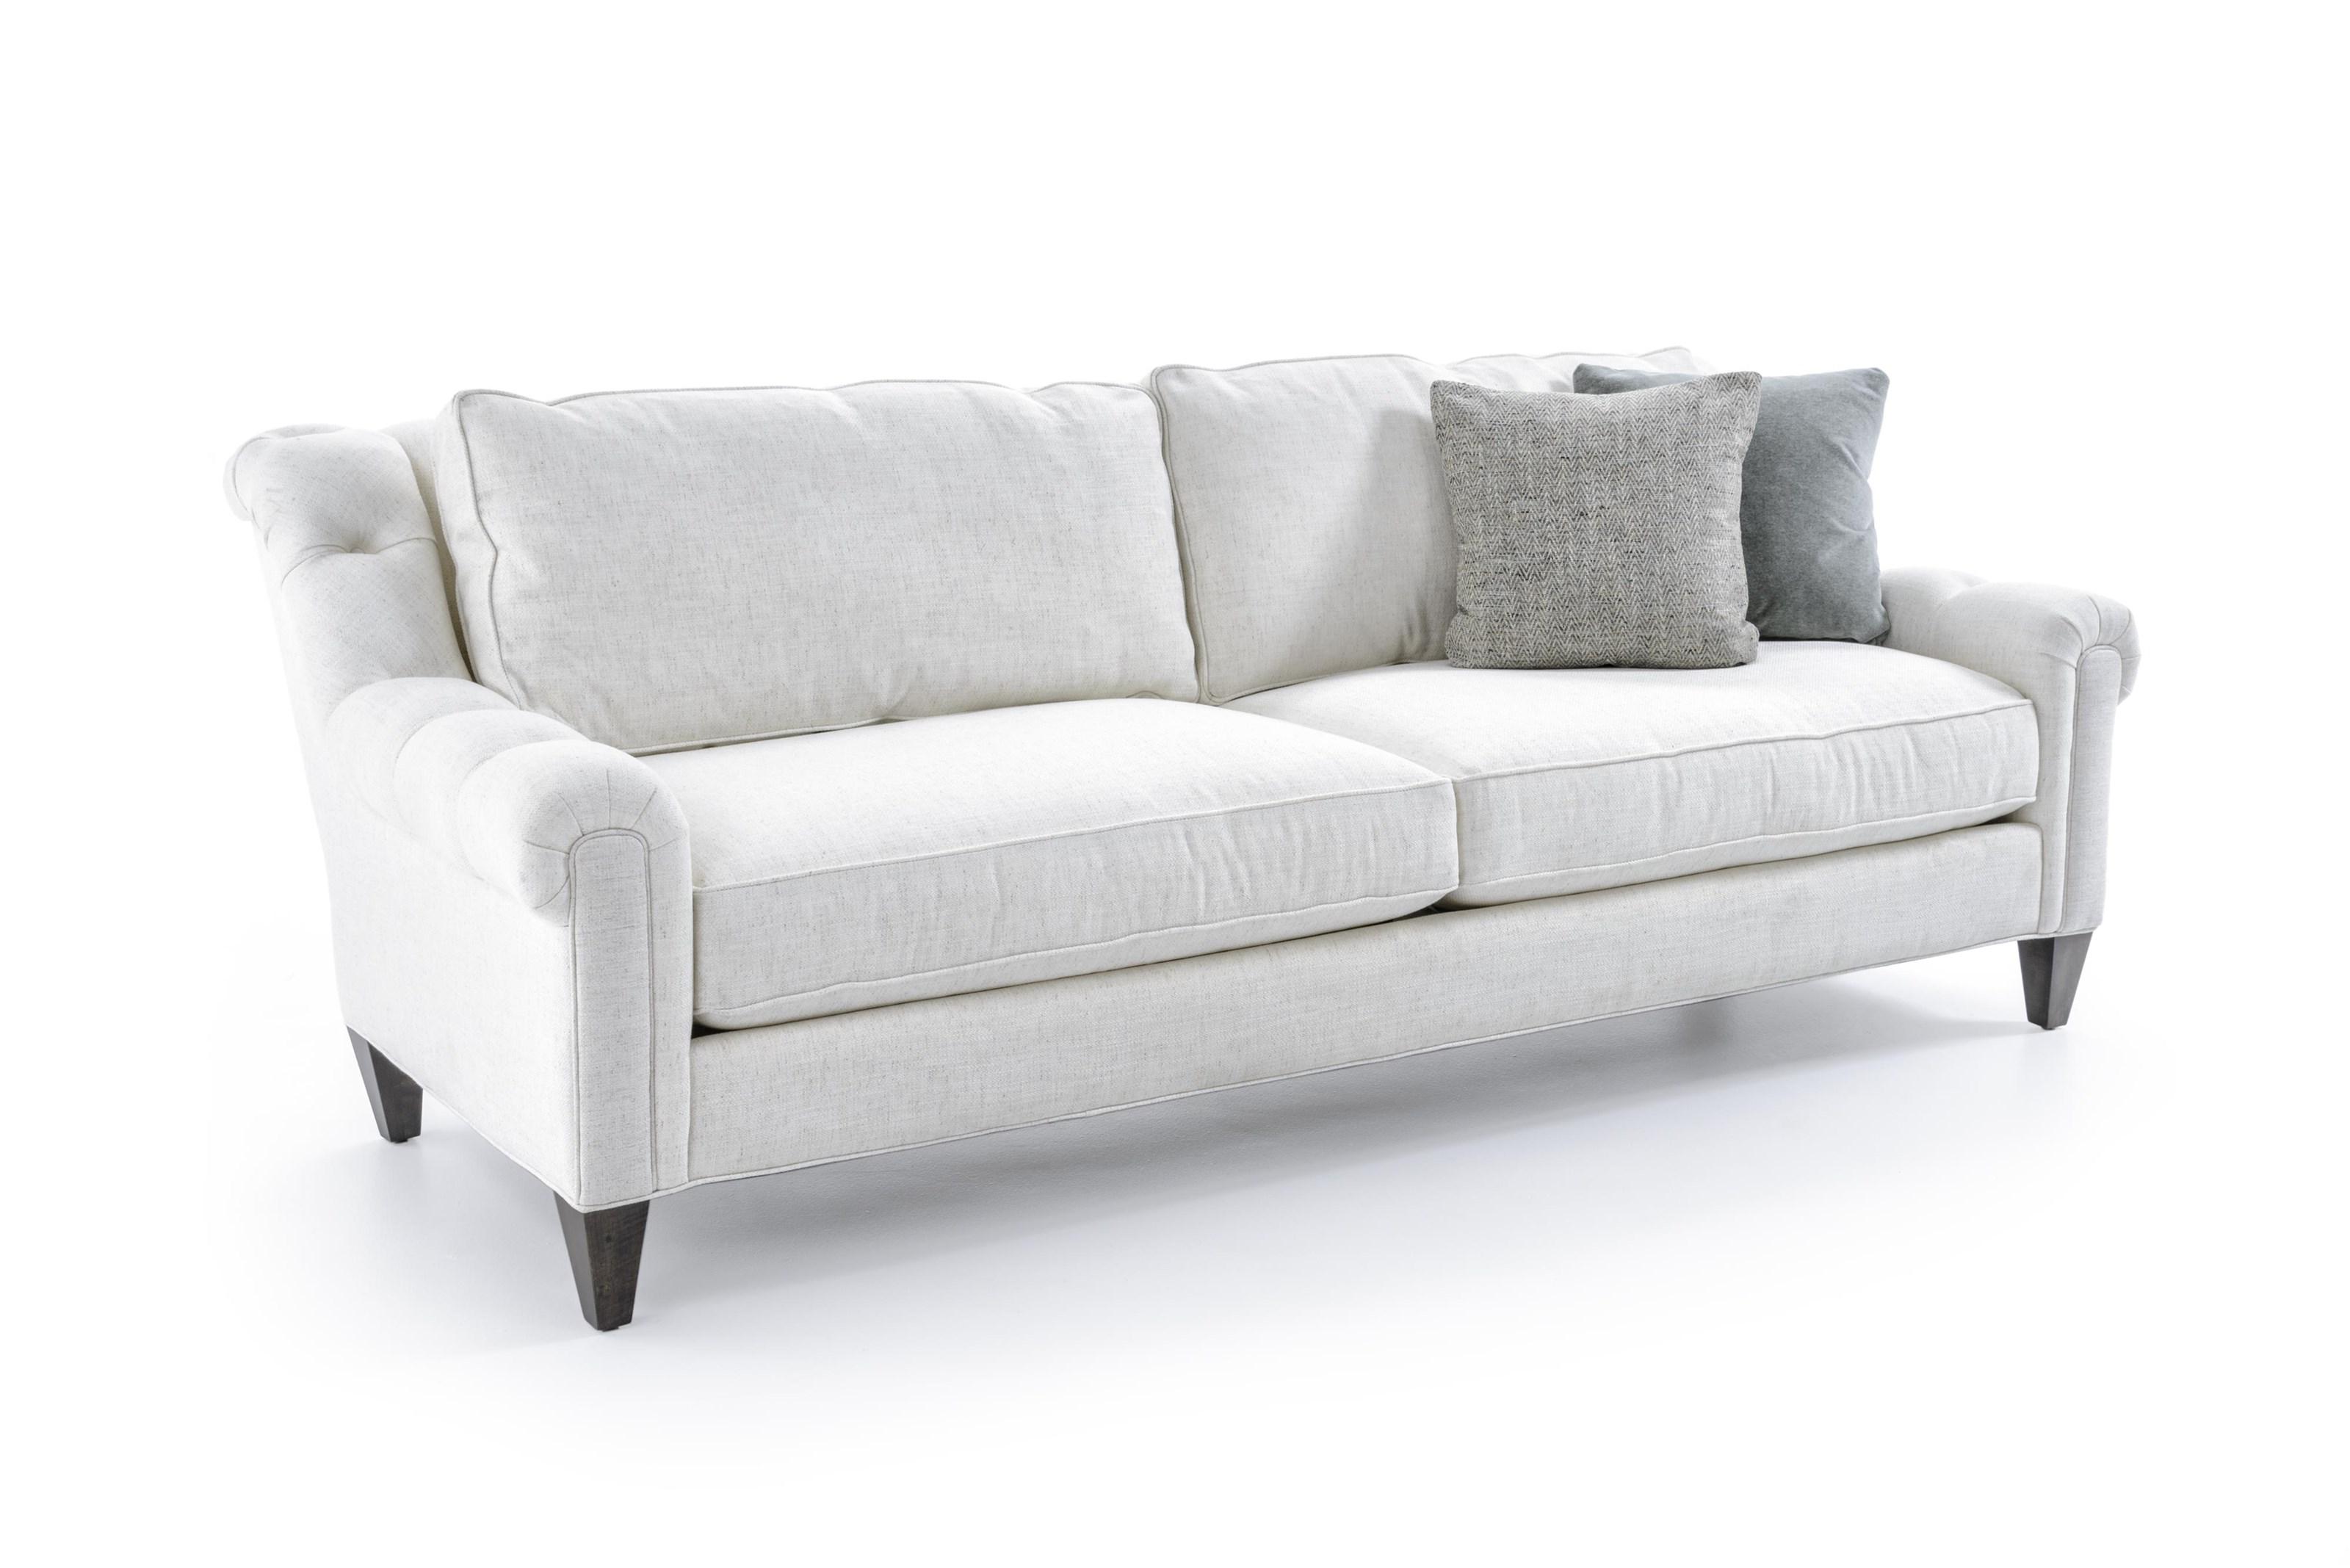 Precedent 3236 Violet Sofa - Item Number: 3236-S1 DARLING NATURAL9